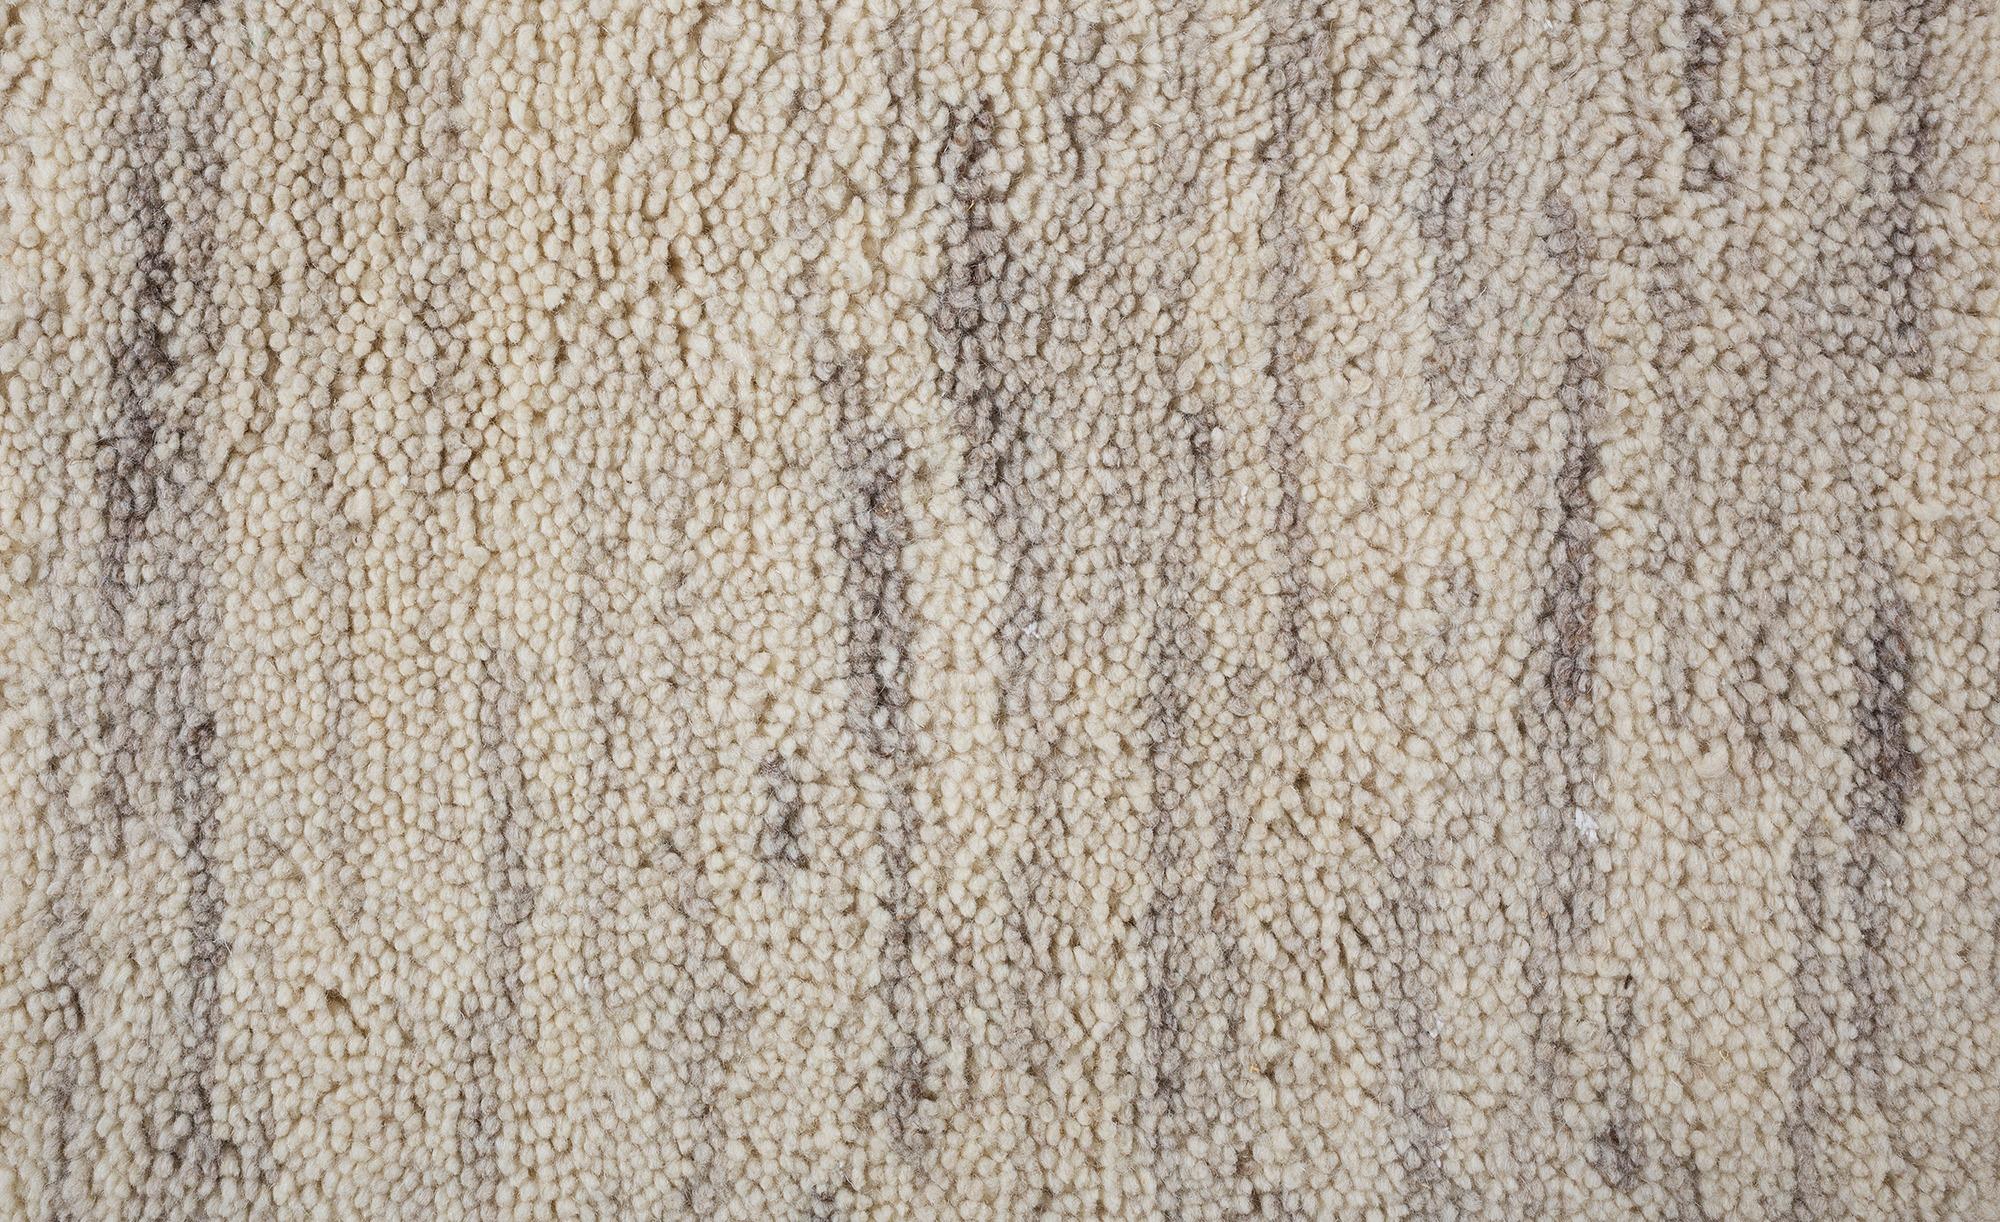 Berber-Teppich - creme - reine Wolle, Wolle - 90 cm - Teppiche > Wohnteppiche > Naturteppiche - Möbel Kraft | Heimtextilien > Teppiche > Berberteppiche | Sconto